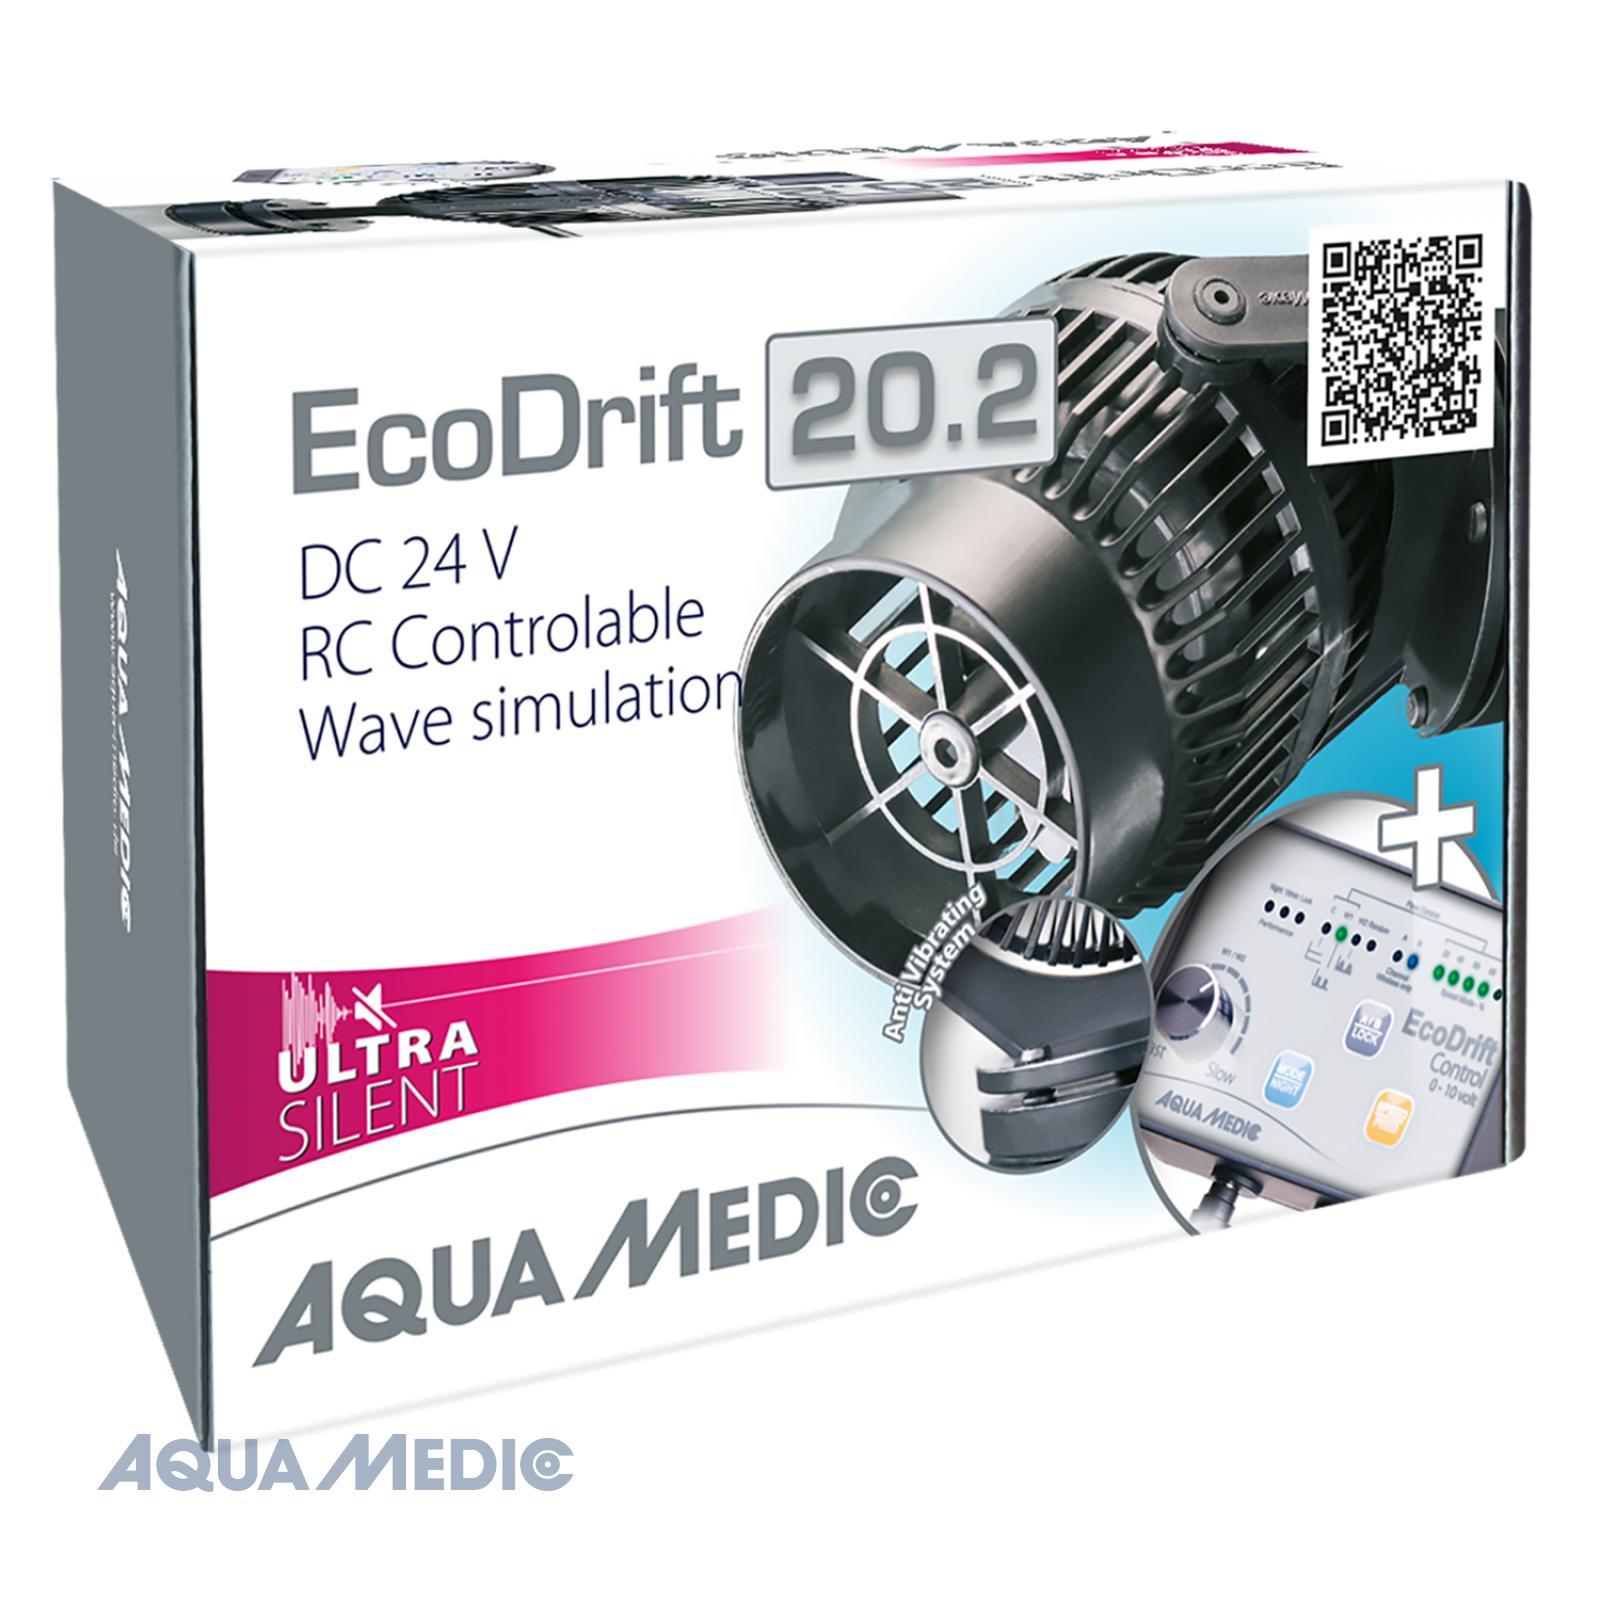 aqua medic ecodrift 20.2